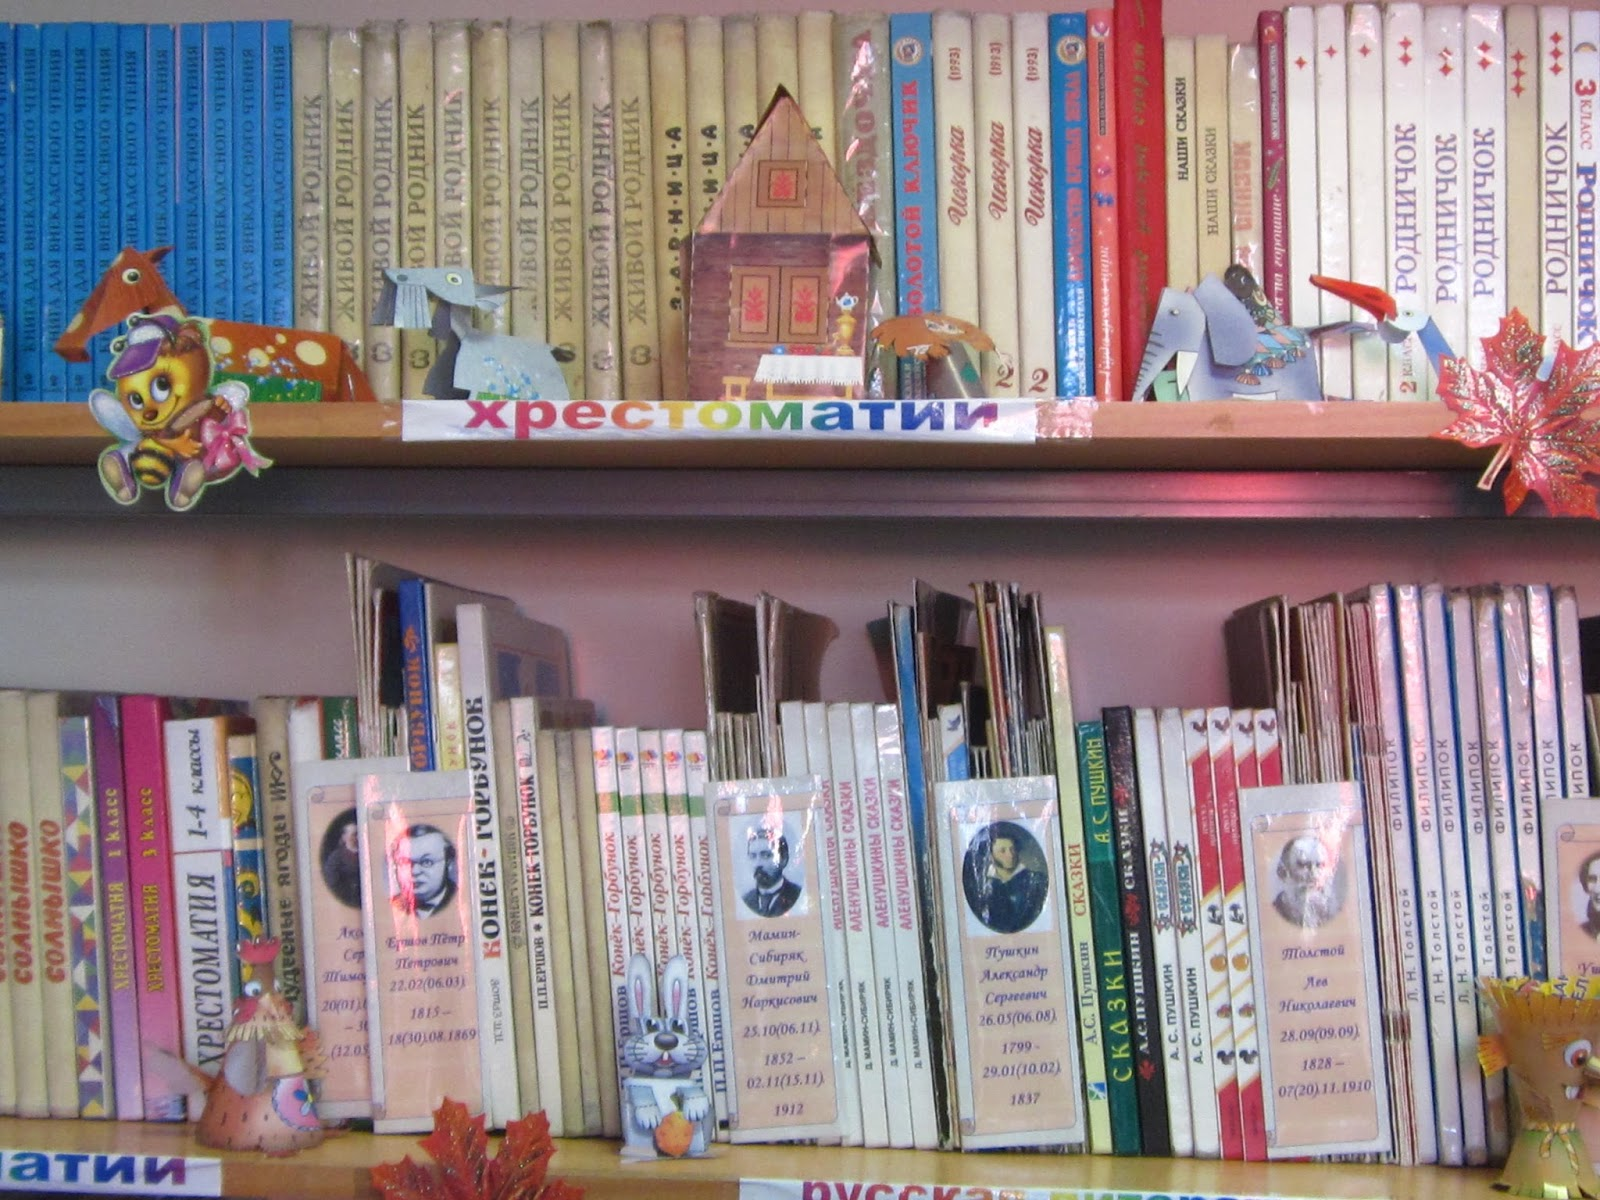 сценарий экскурсии в библиотеку для дошкольников